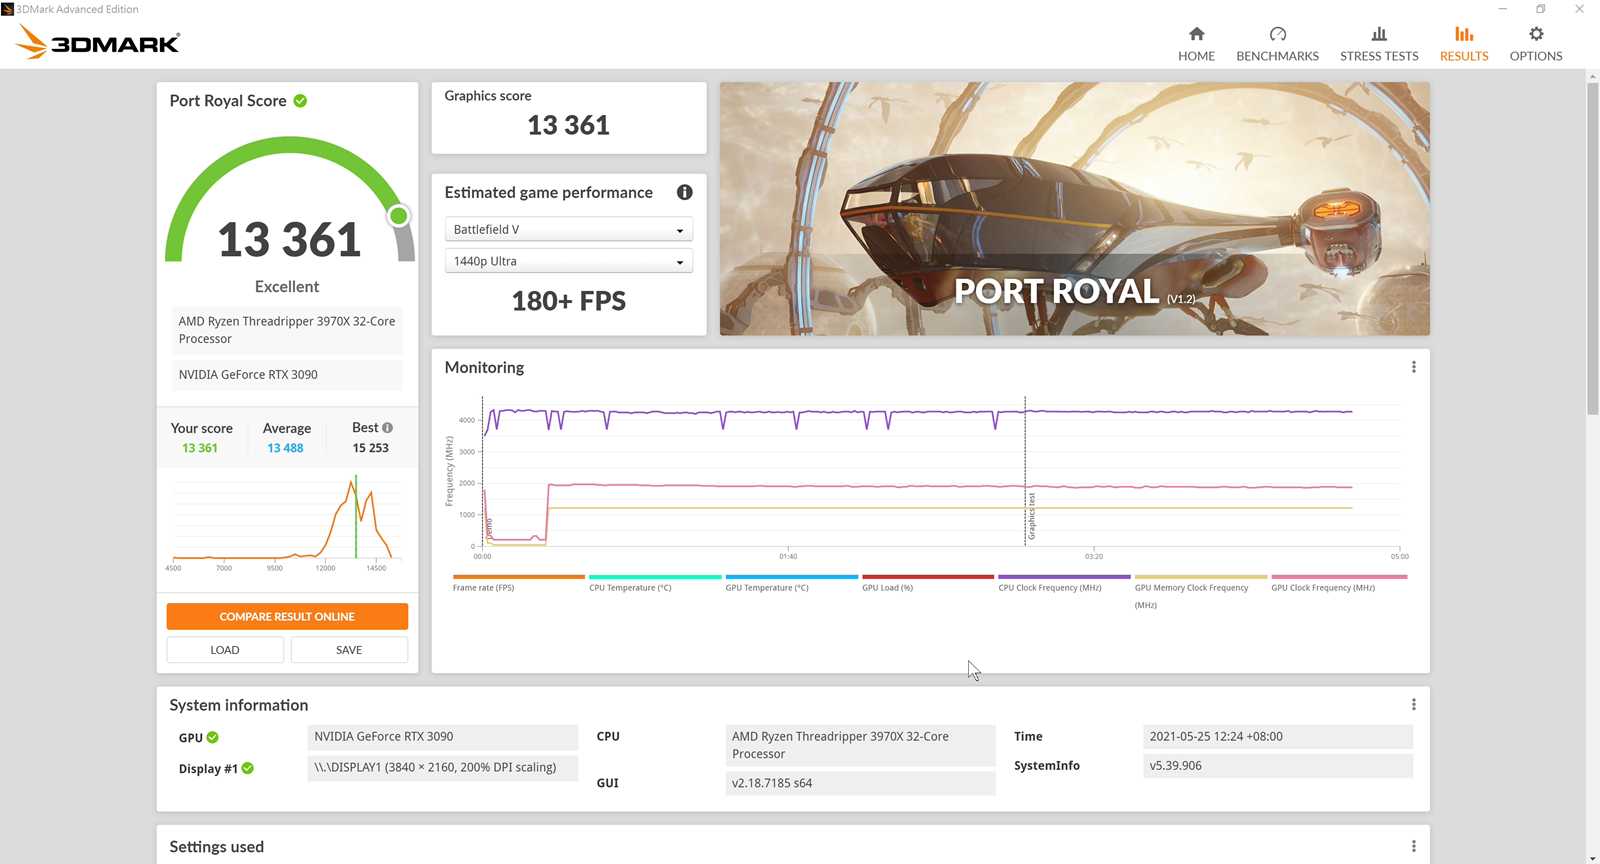 大就是比較好!Crucial Ballistix DDR4-3600 開箱實測 32GB vs 16GB 差異有多少!無論遊戲還是創作都需要高頻寬低延遲的高效能 @3C 達人廖阿輝